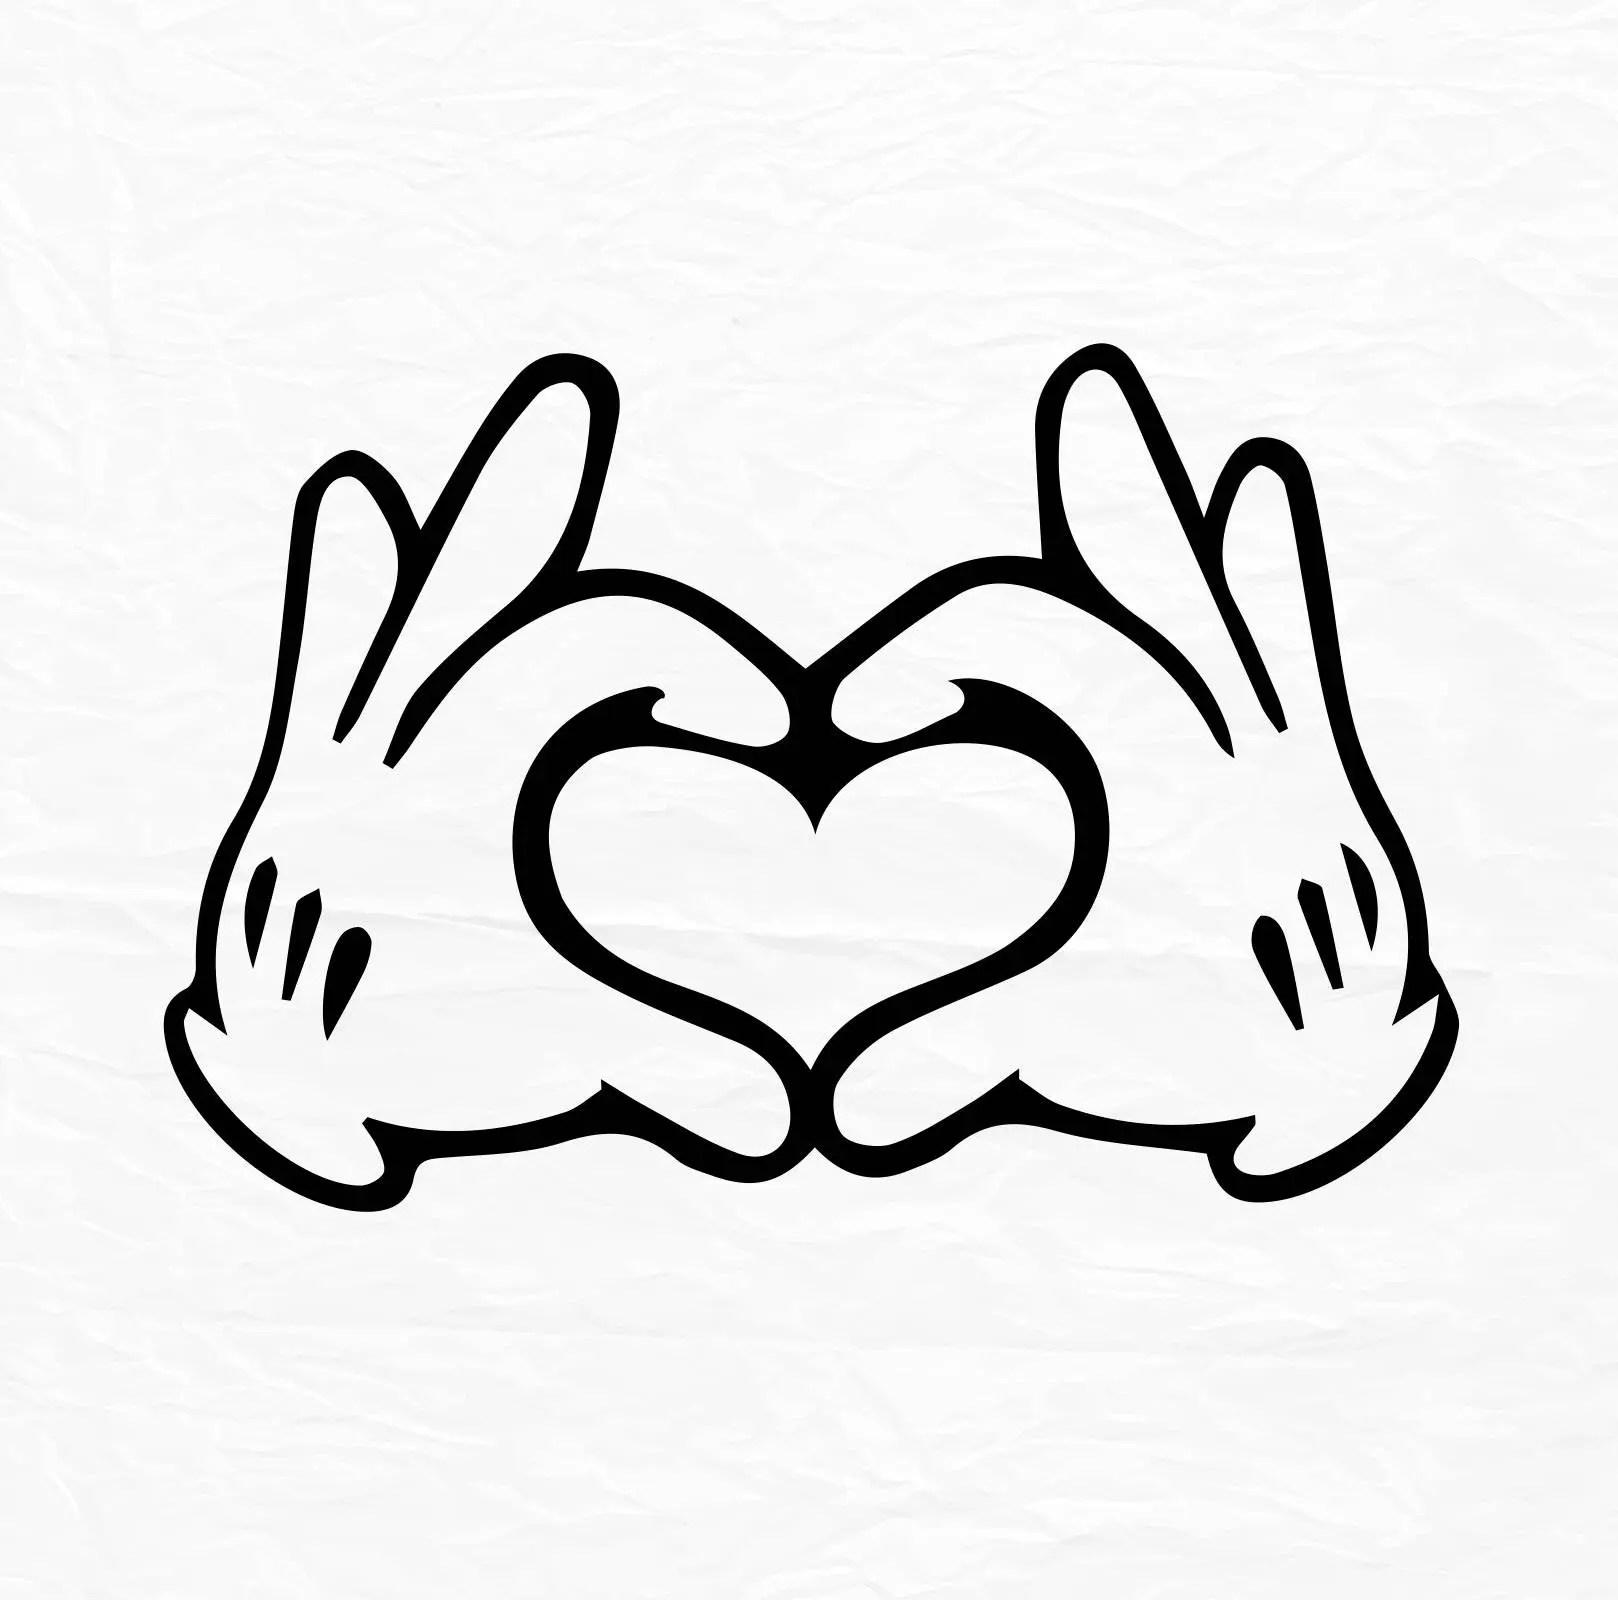 Handschuh Maus Hand Herz Liebe Design Liebe Svg Disney